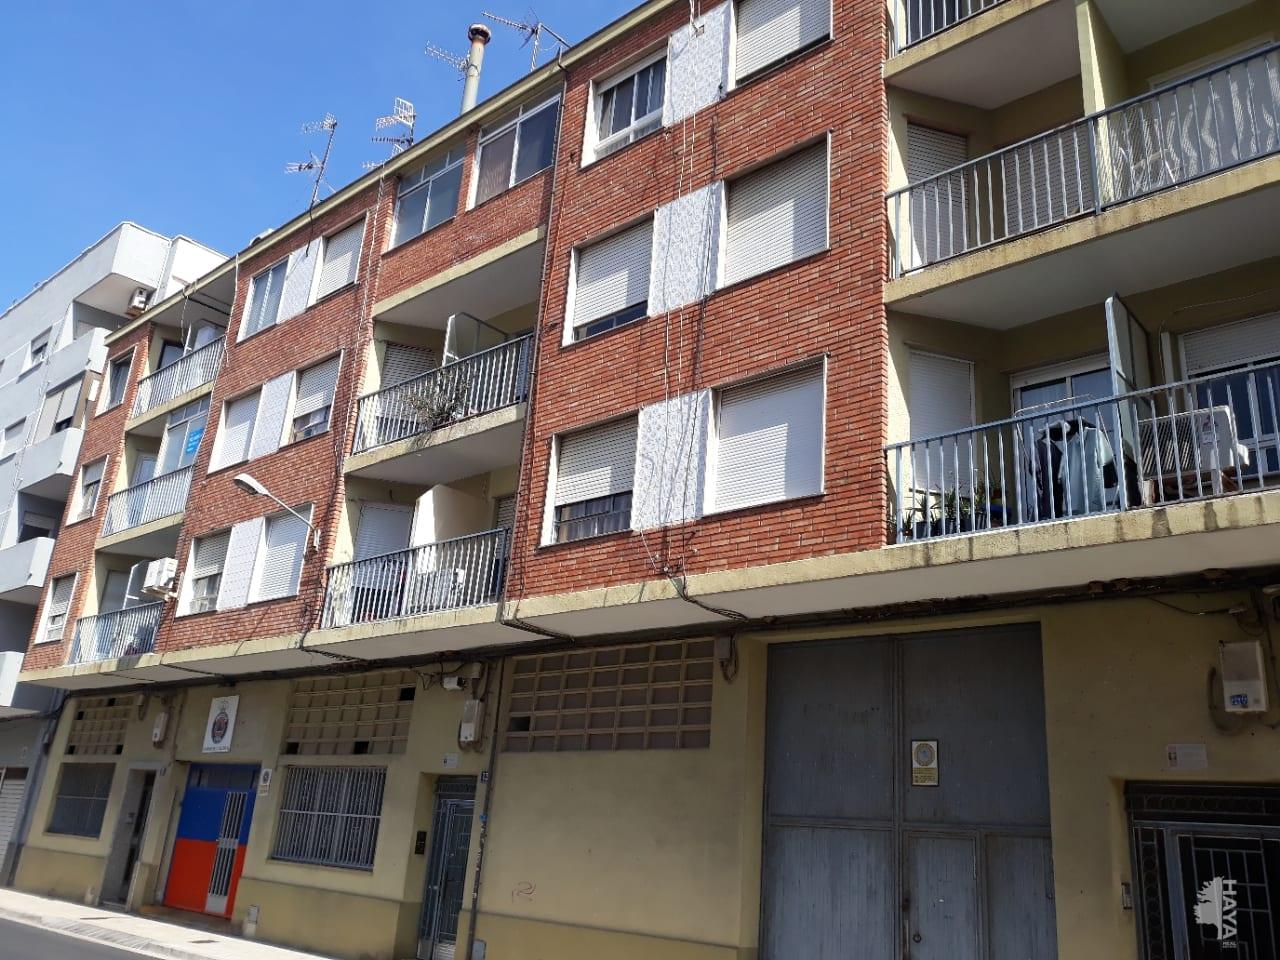 Piso en venta en Tavernes de la Valldigna, Valencia, Calle Juan de Austria, 32.970 €, 3 habitaciones, 1 baño, 102 m2